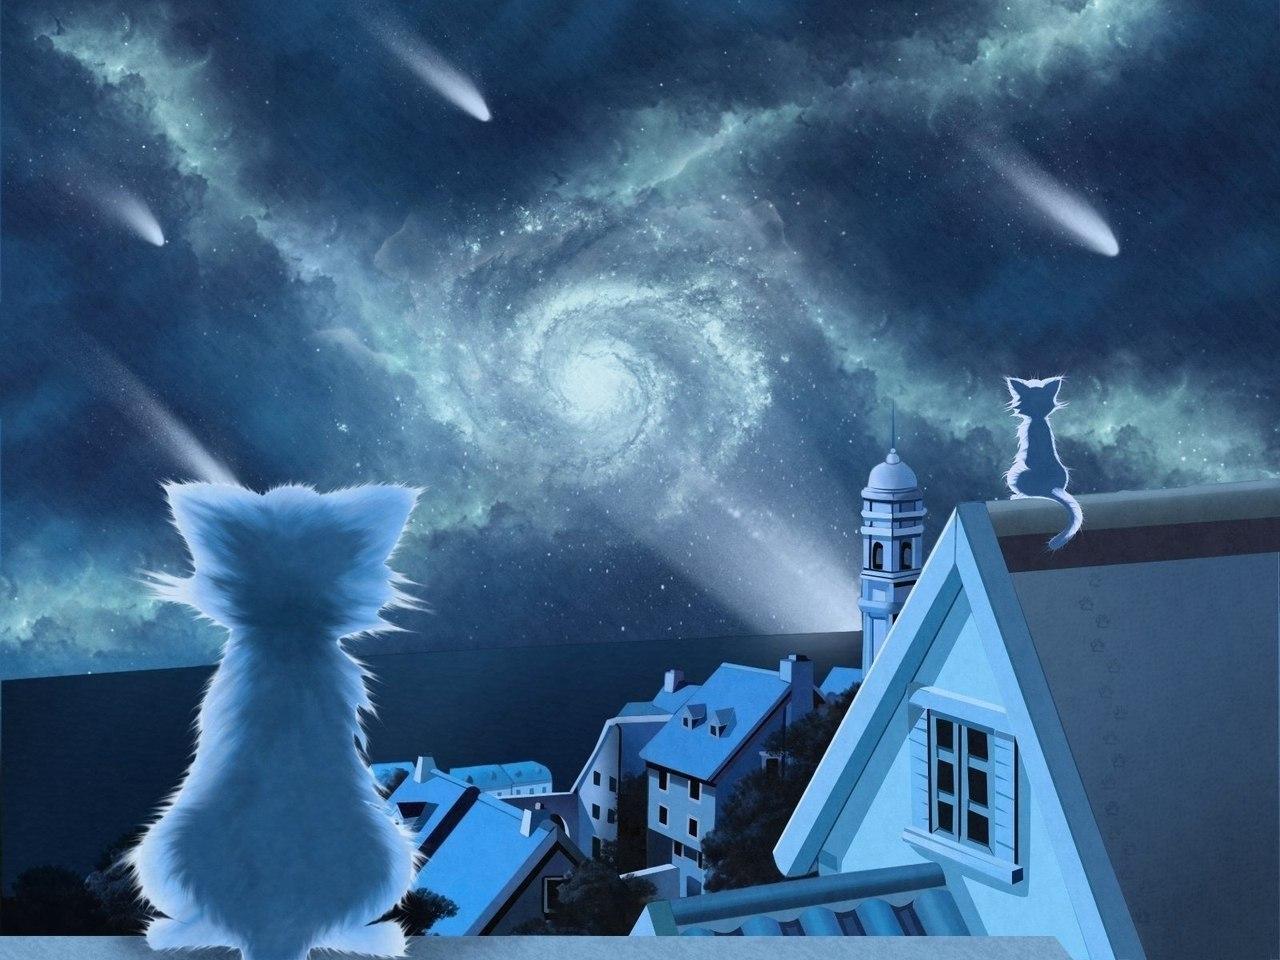 16845 скачать обои Пейзаж, Кошки (Коты, Котики), Небо, Рисунки - заставки и картинки бесплатно